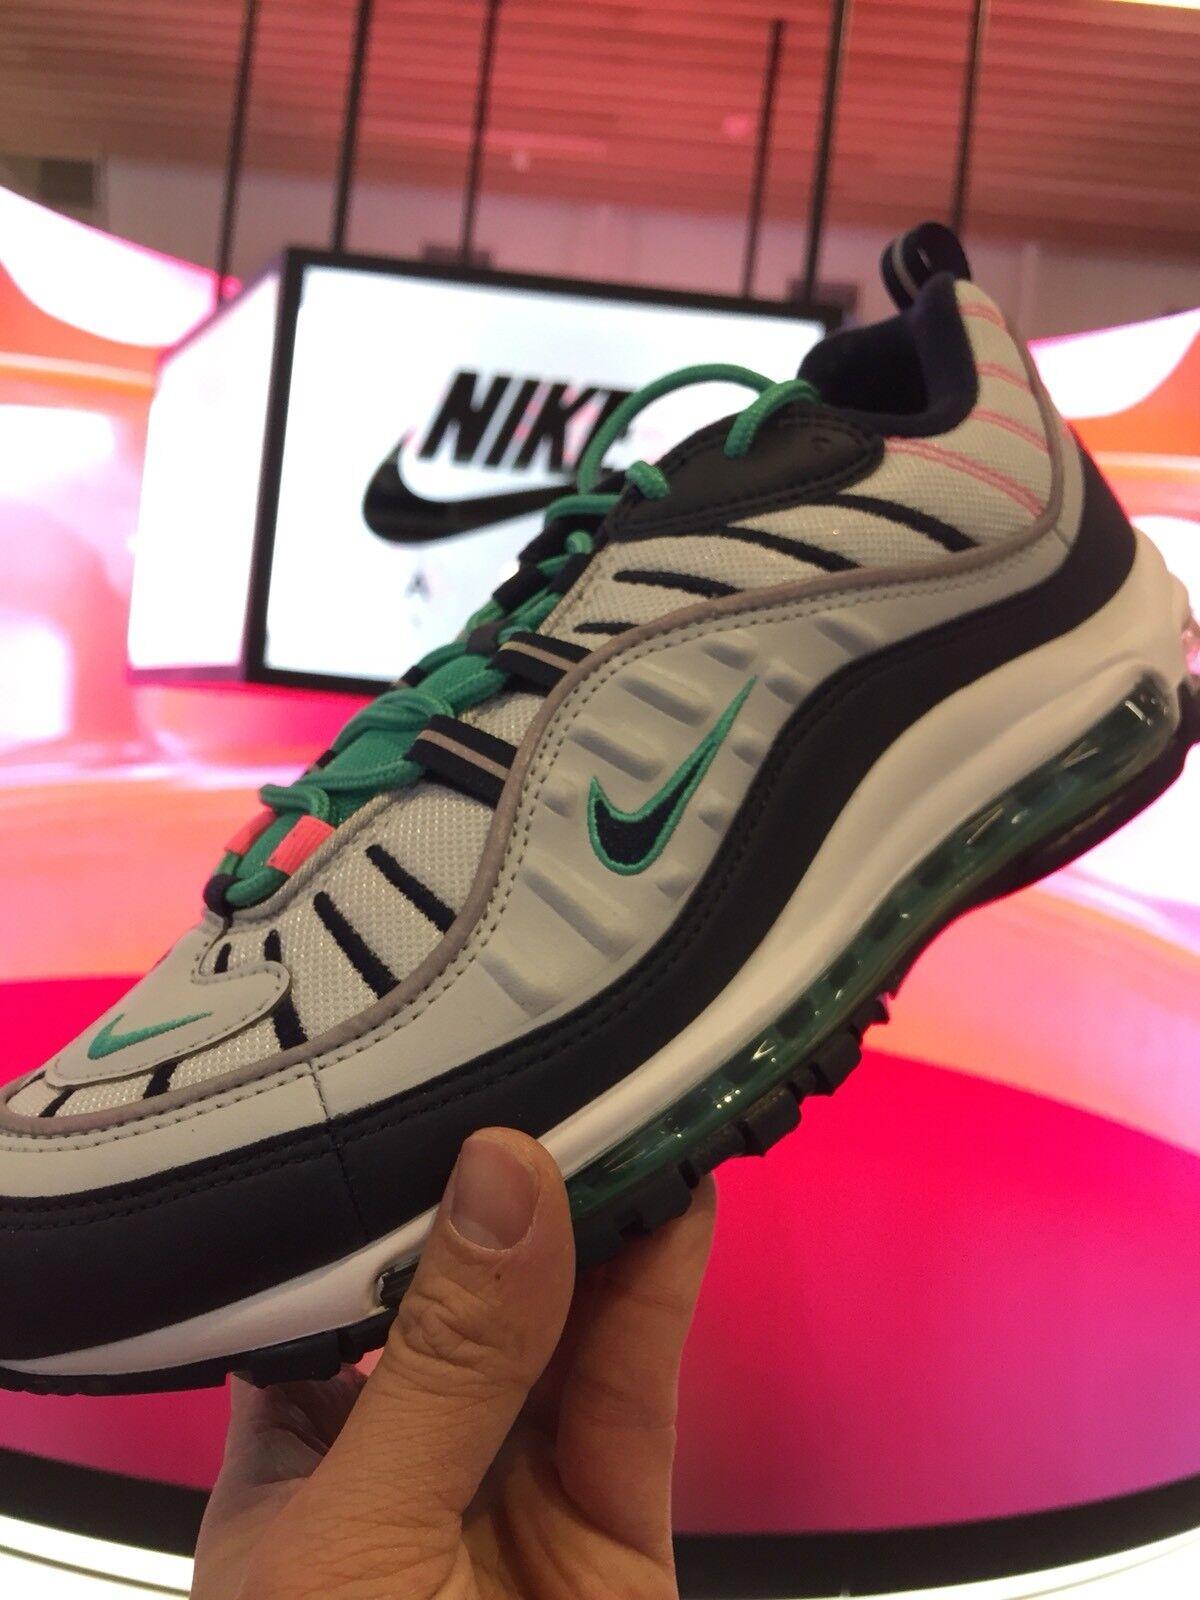 Nike air max 97 south beach dimensioni 640744-005